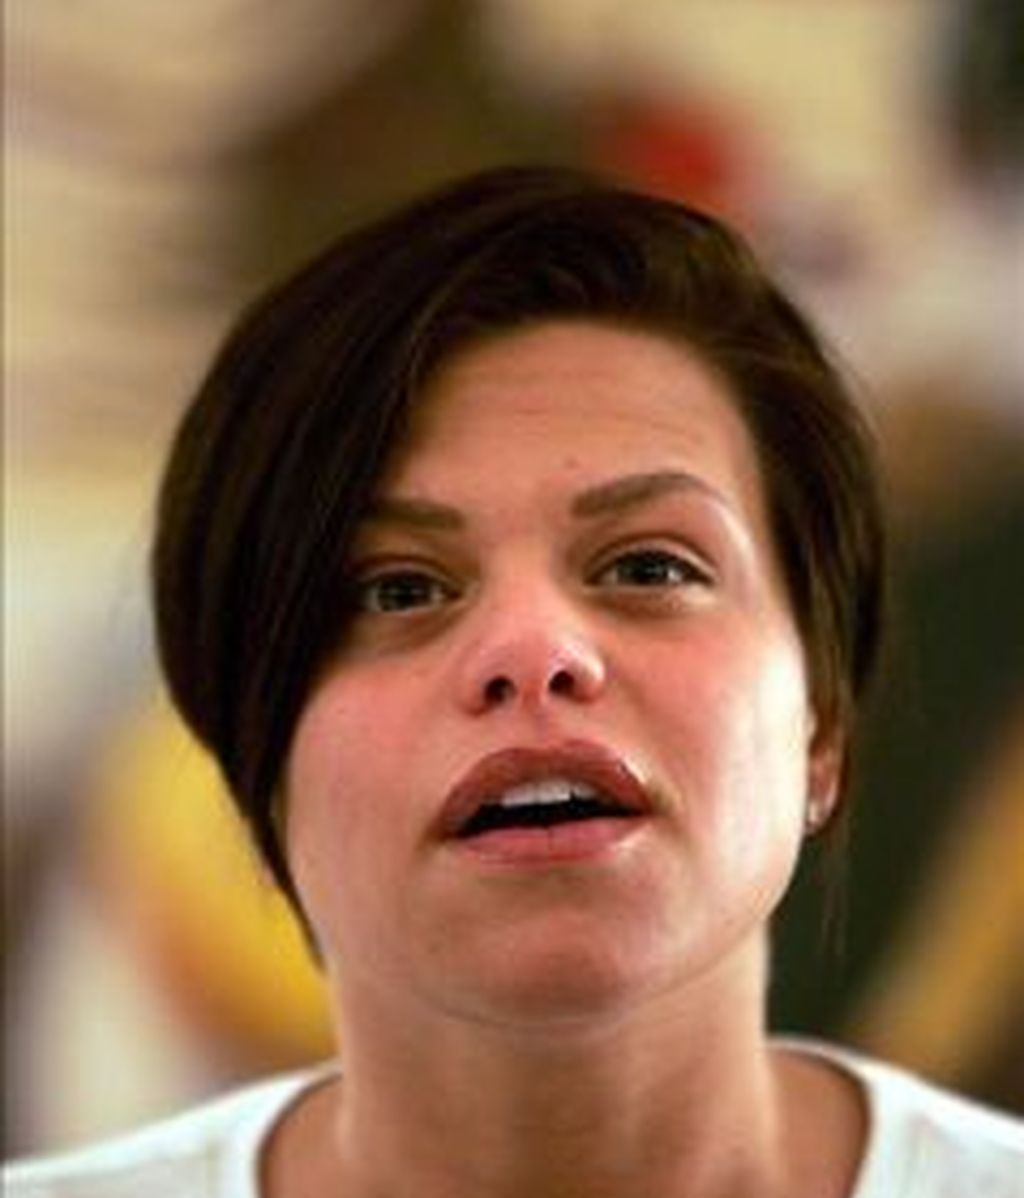 Imagen de archivo de Jade antes de enfermar. Foto: EFE